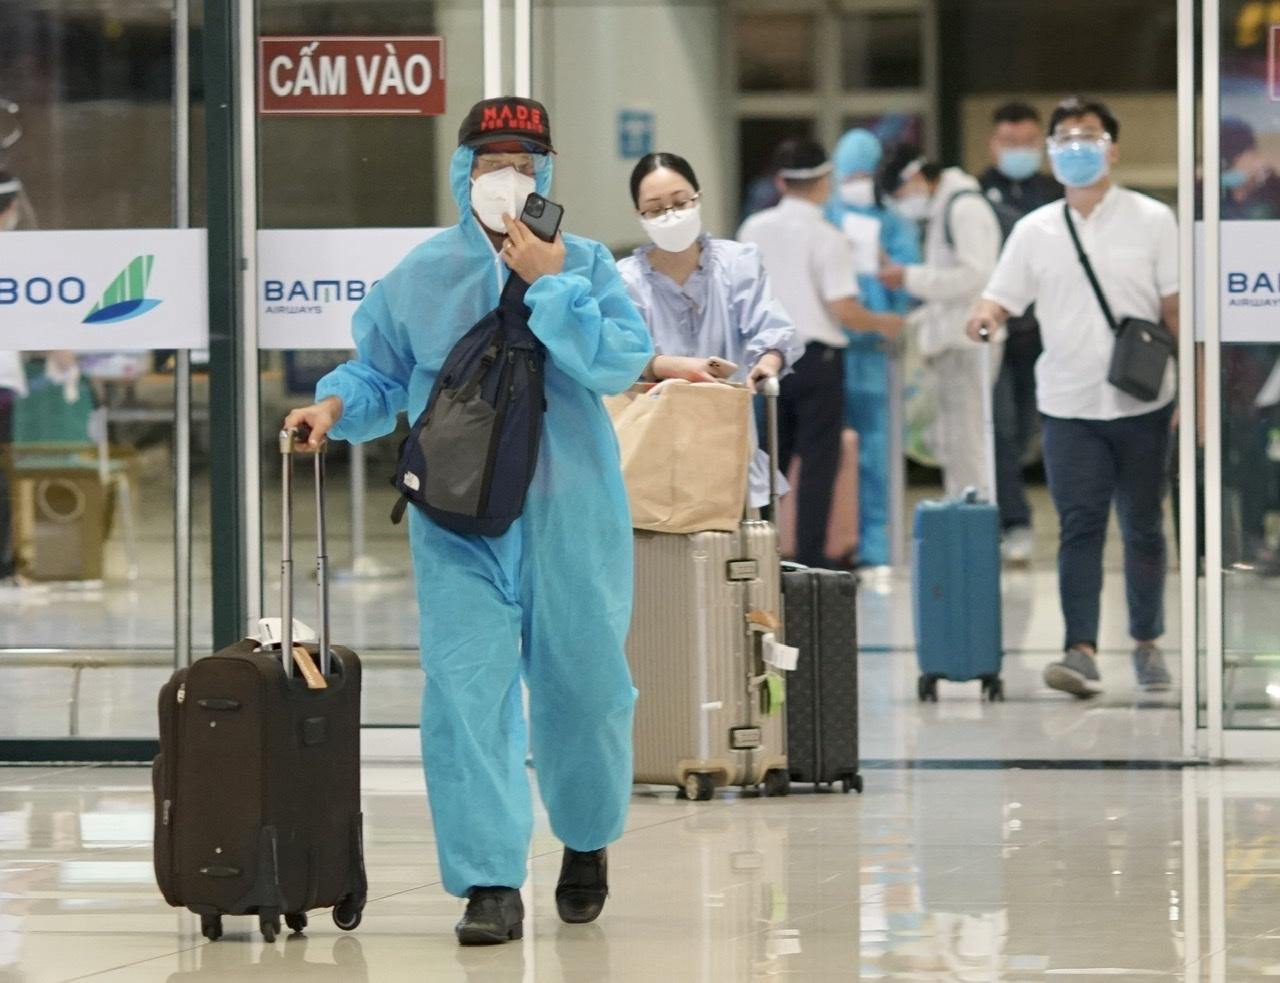 Hà Nội sẽ không yêu cầu treo biển trước cửa nhà người về từ TP.HCM